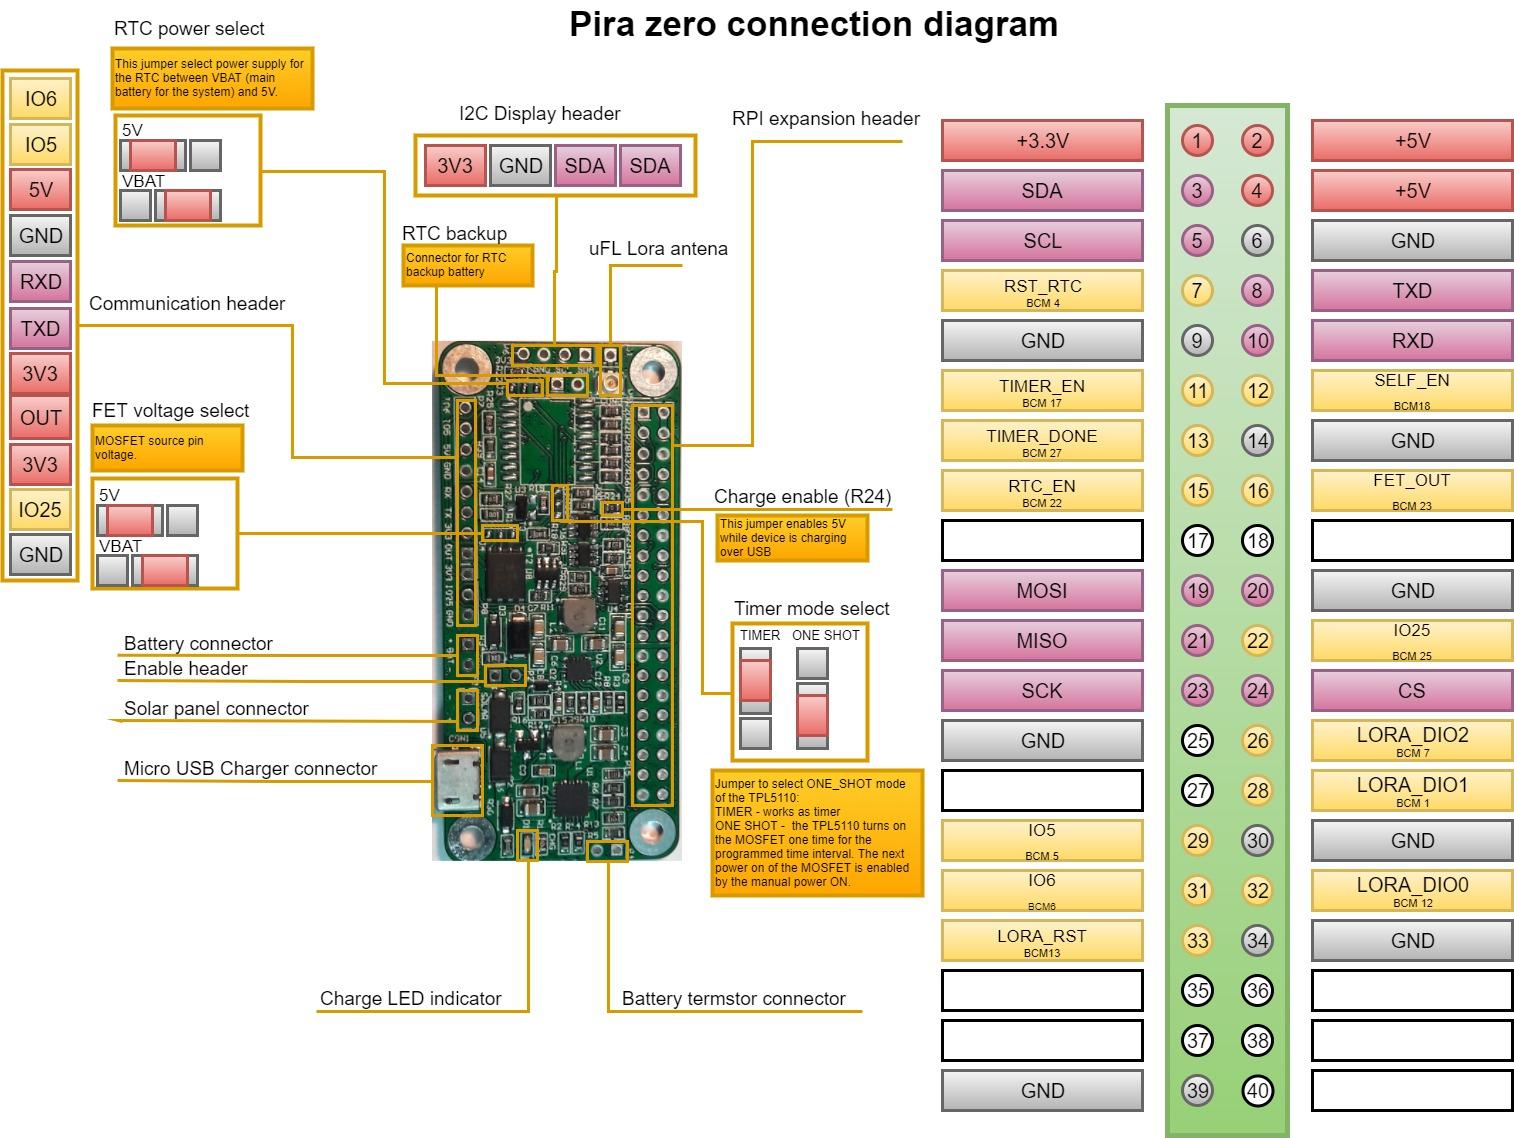 pira_zero_con_diagram